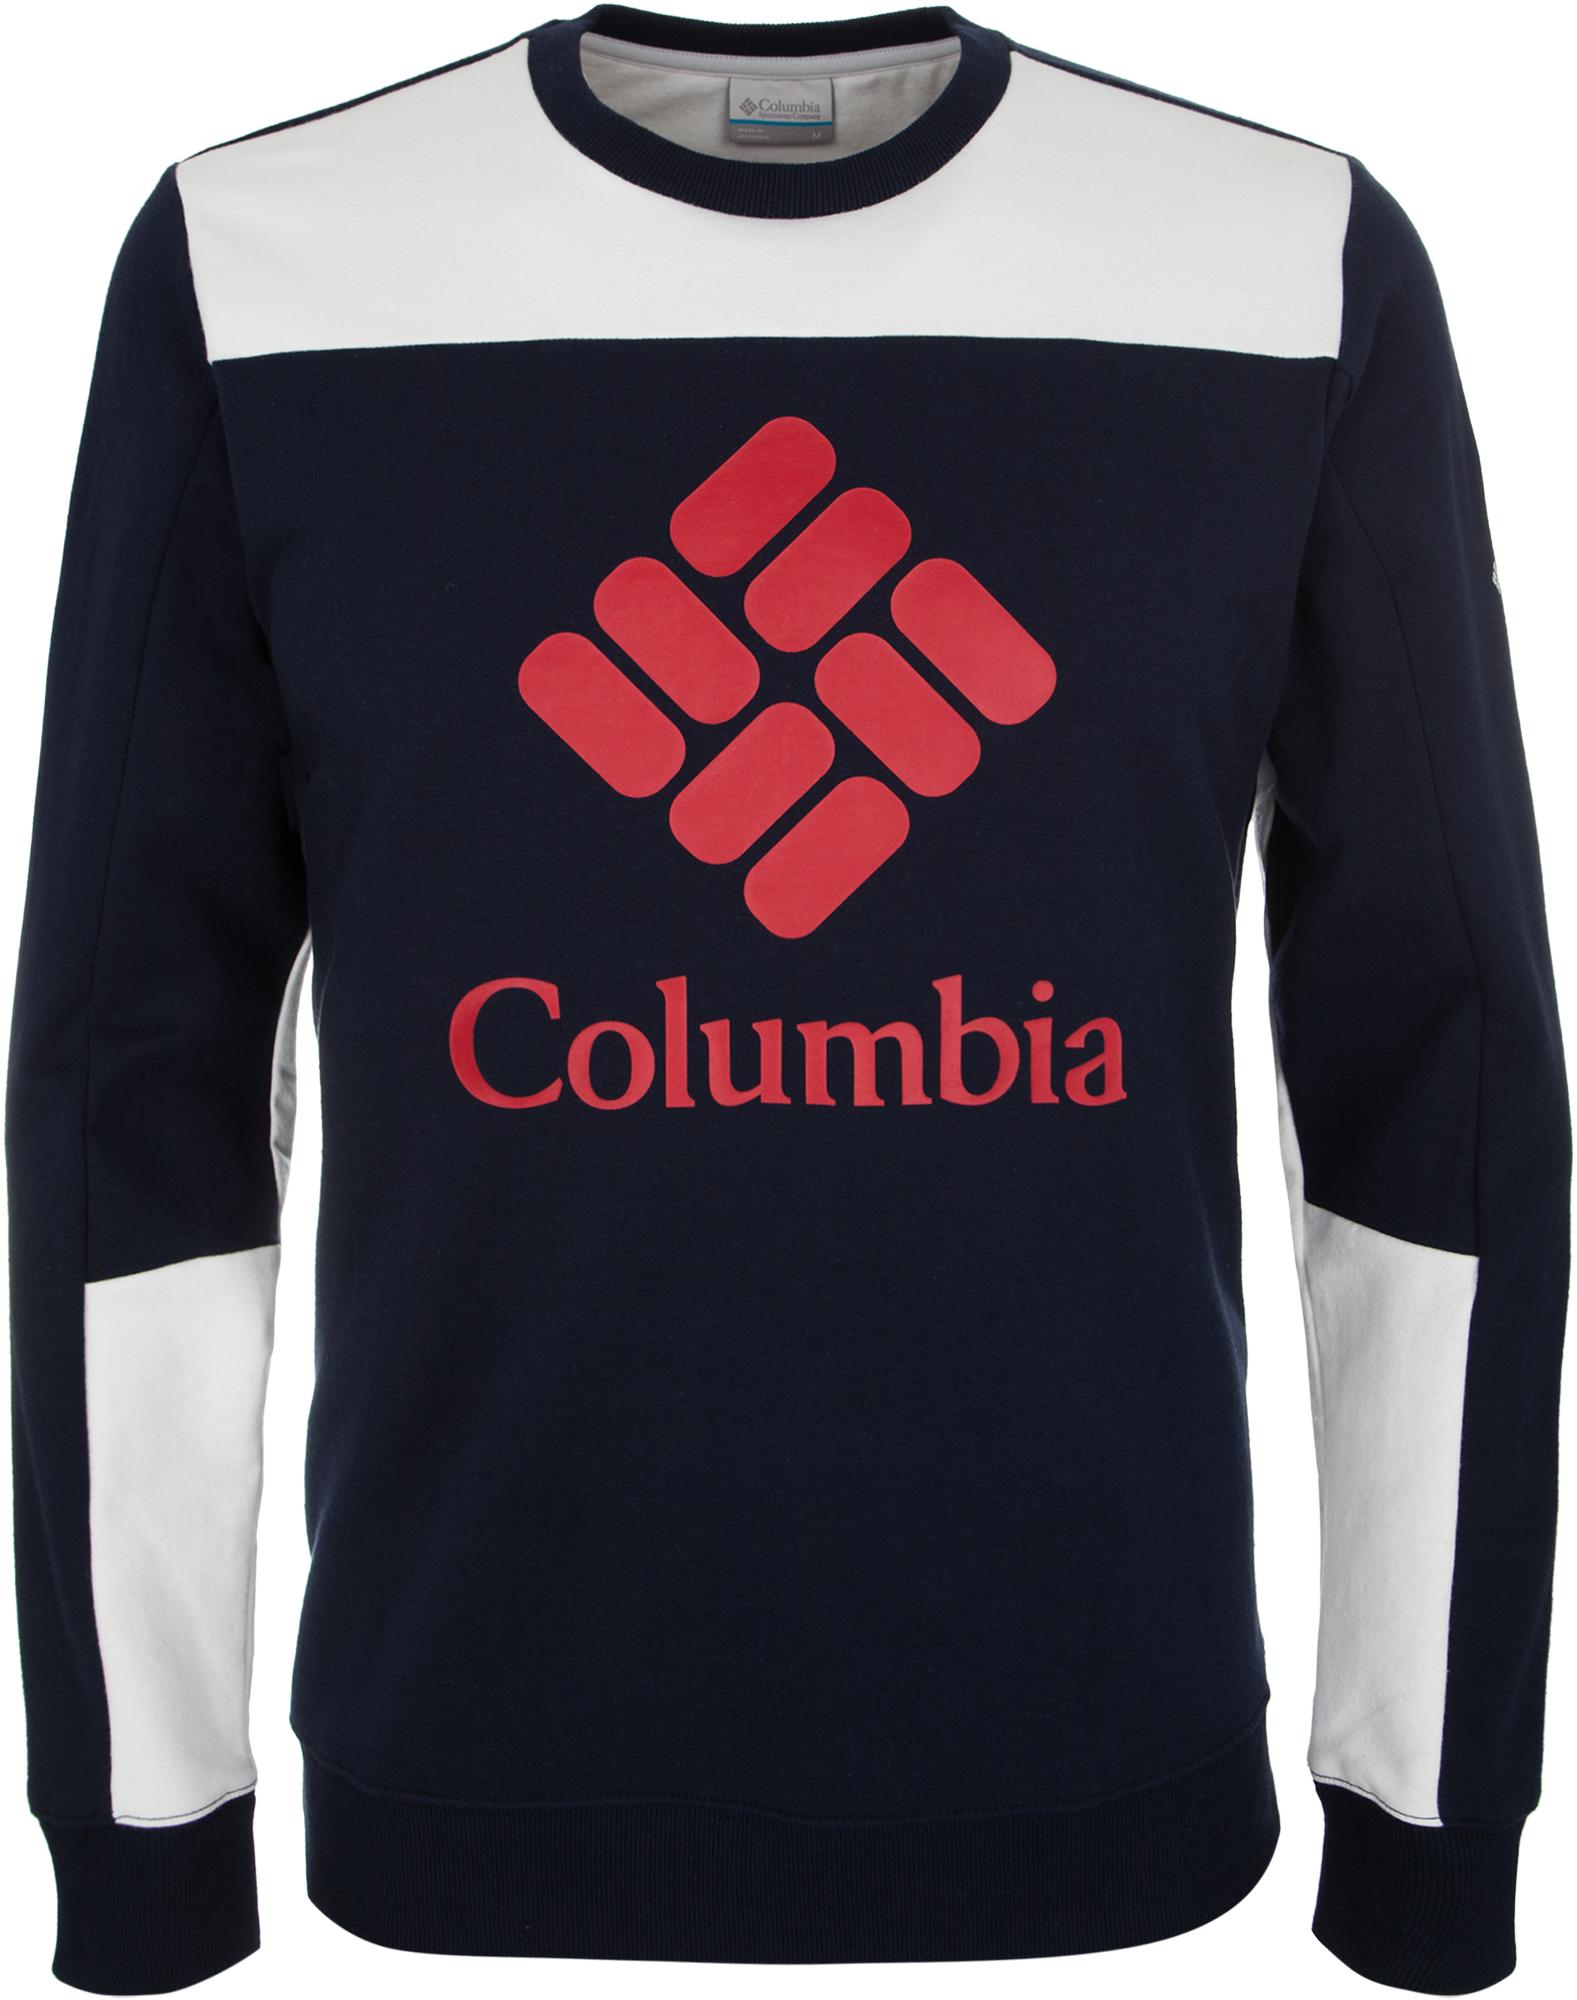 Columbia Свитшот мужской Lodge, размер 56-58